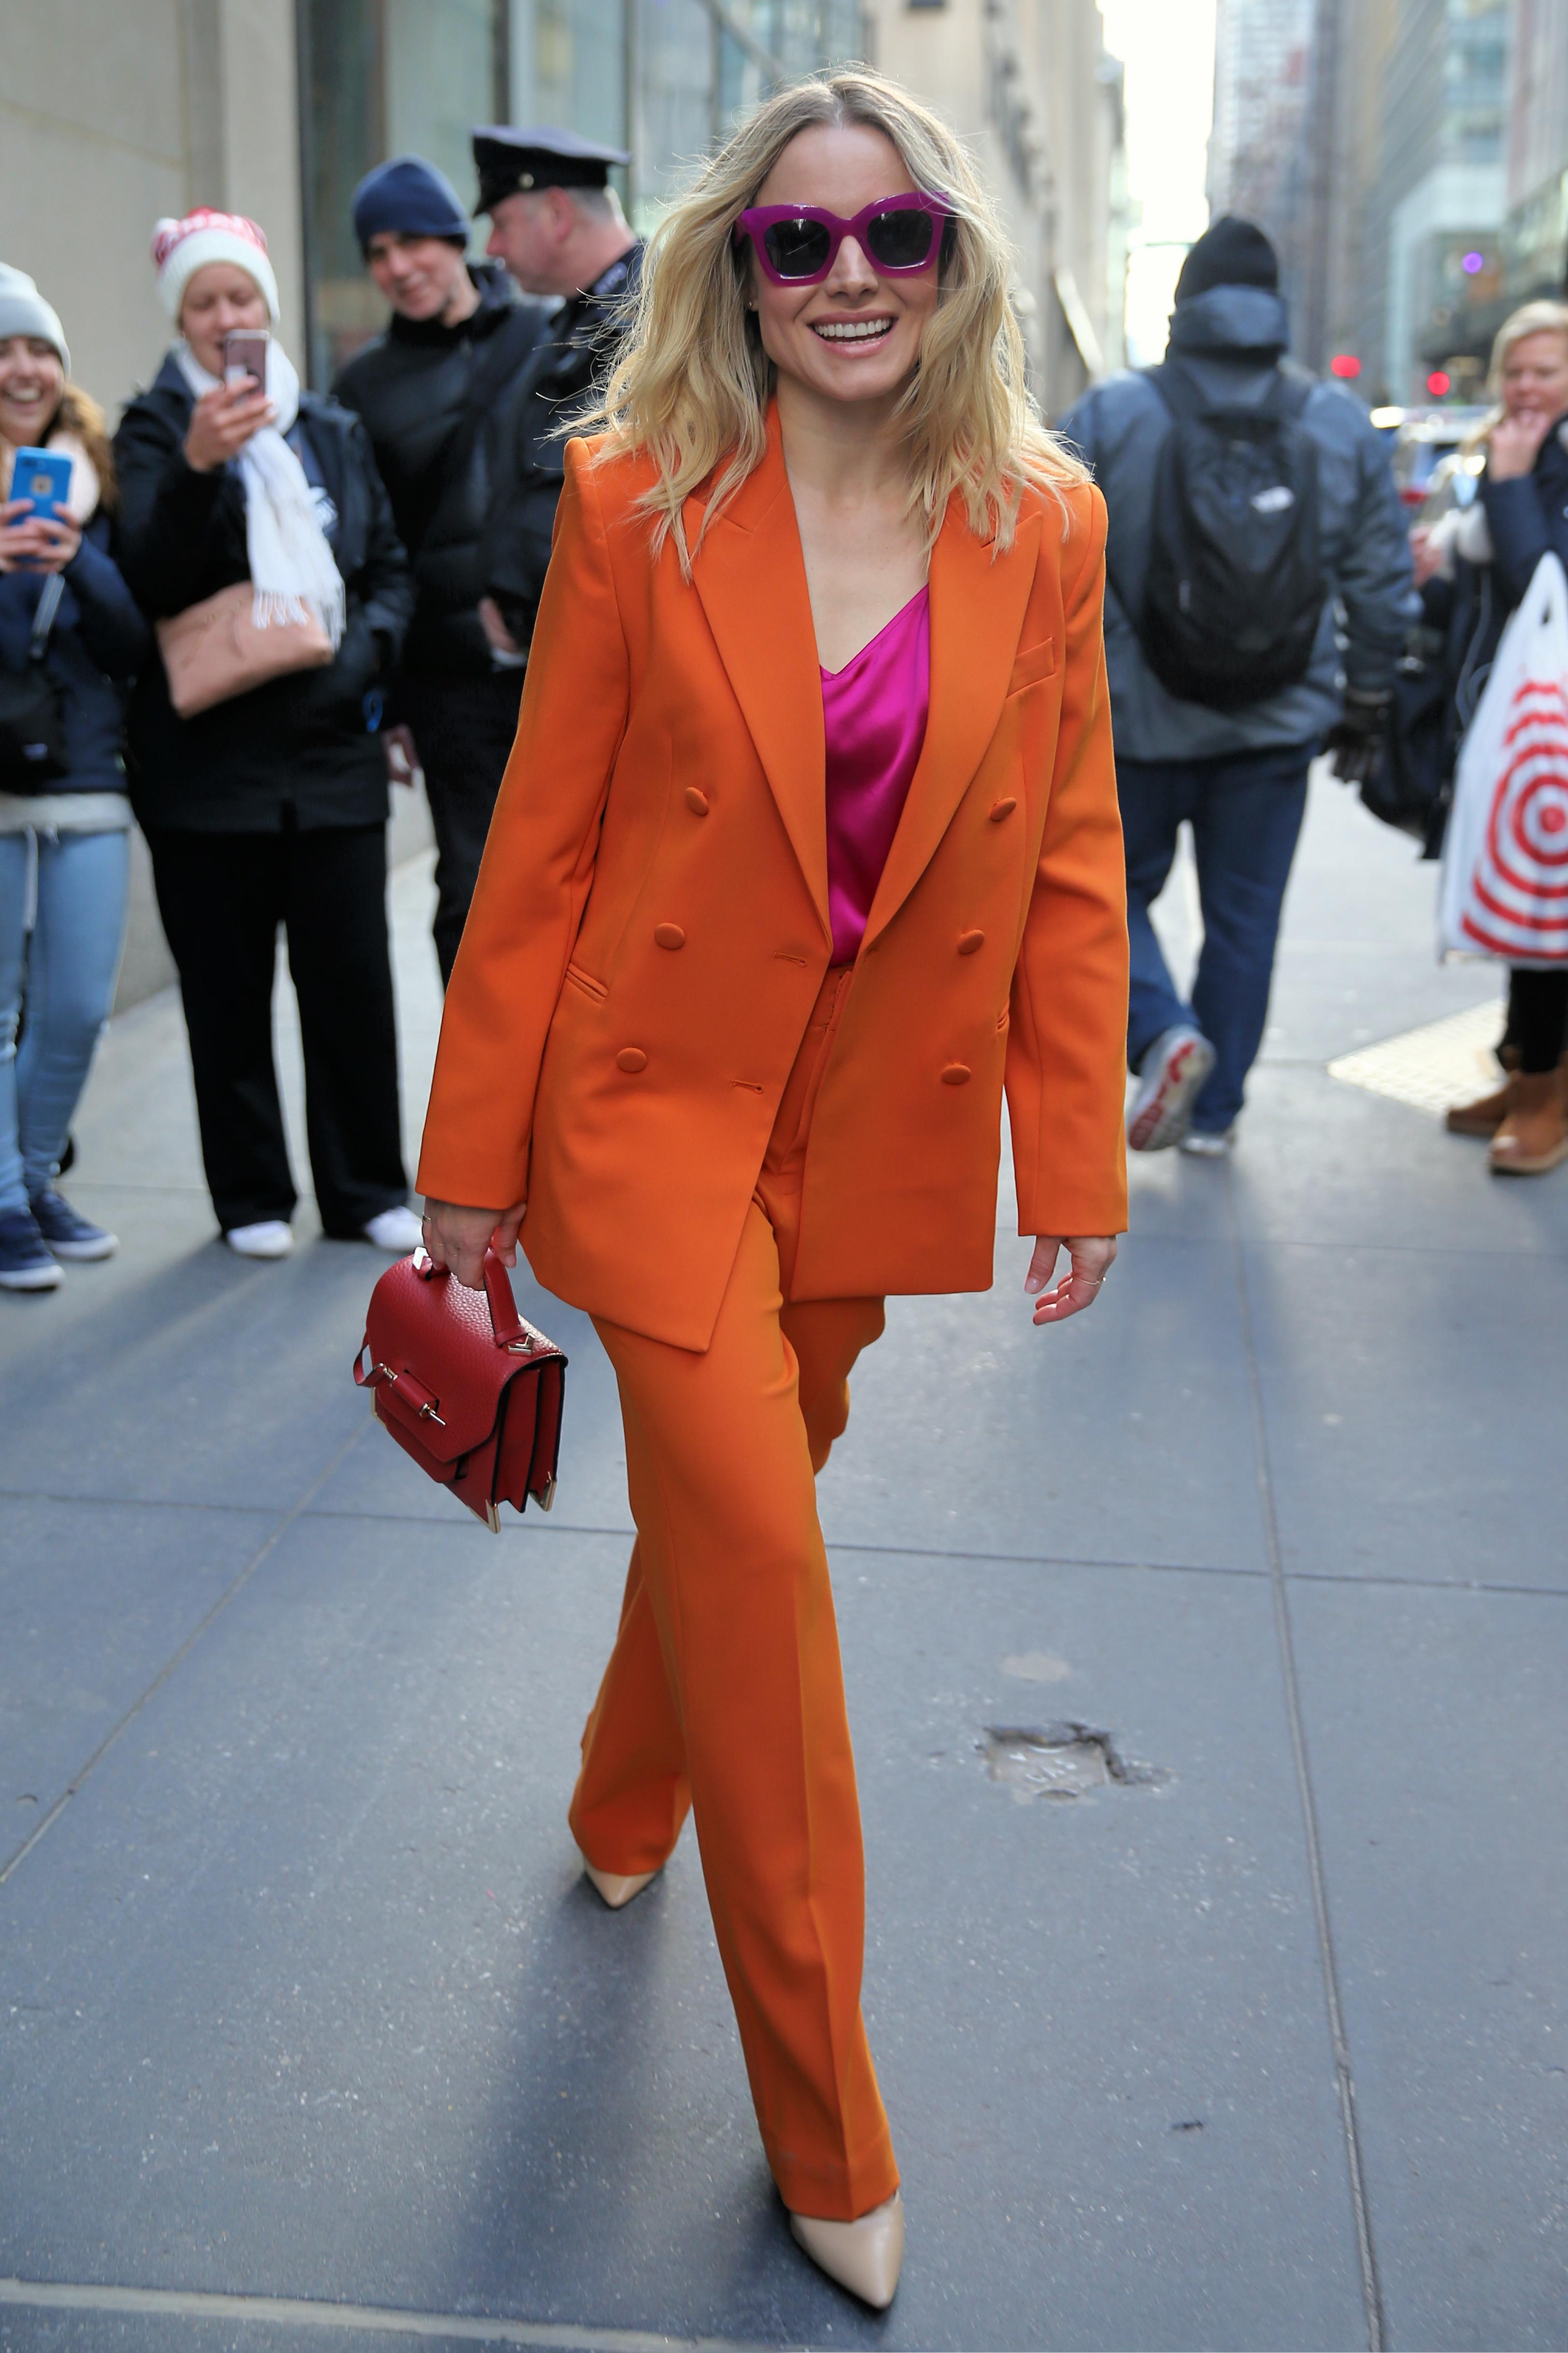 Kristen Bell lets her wardrobe malfunction slide